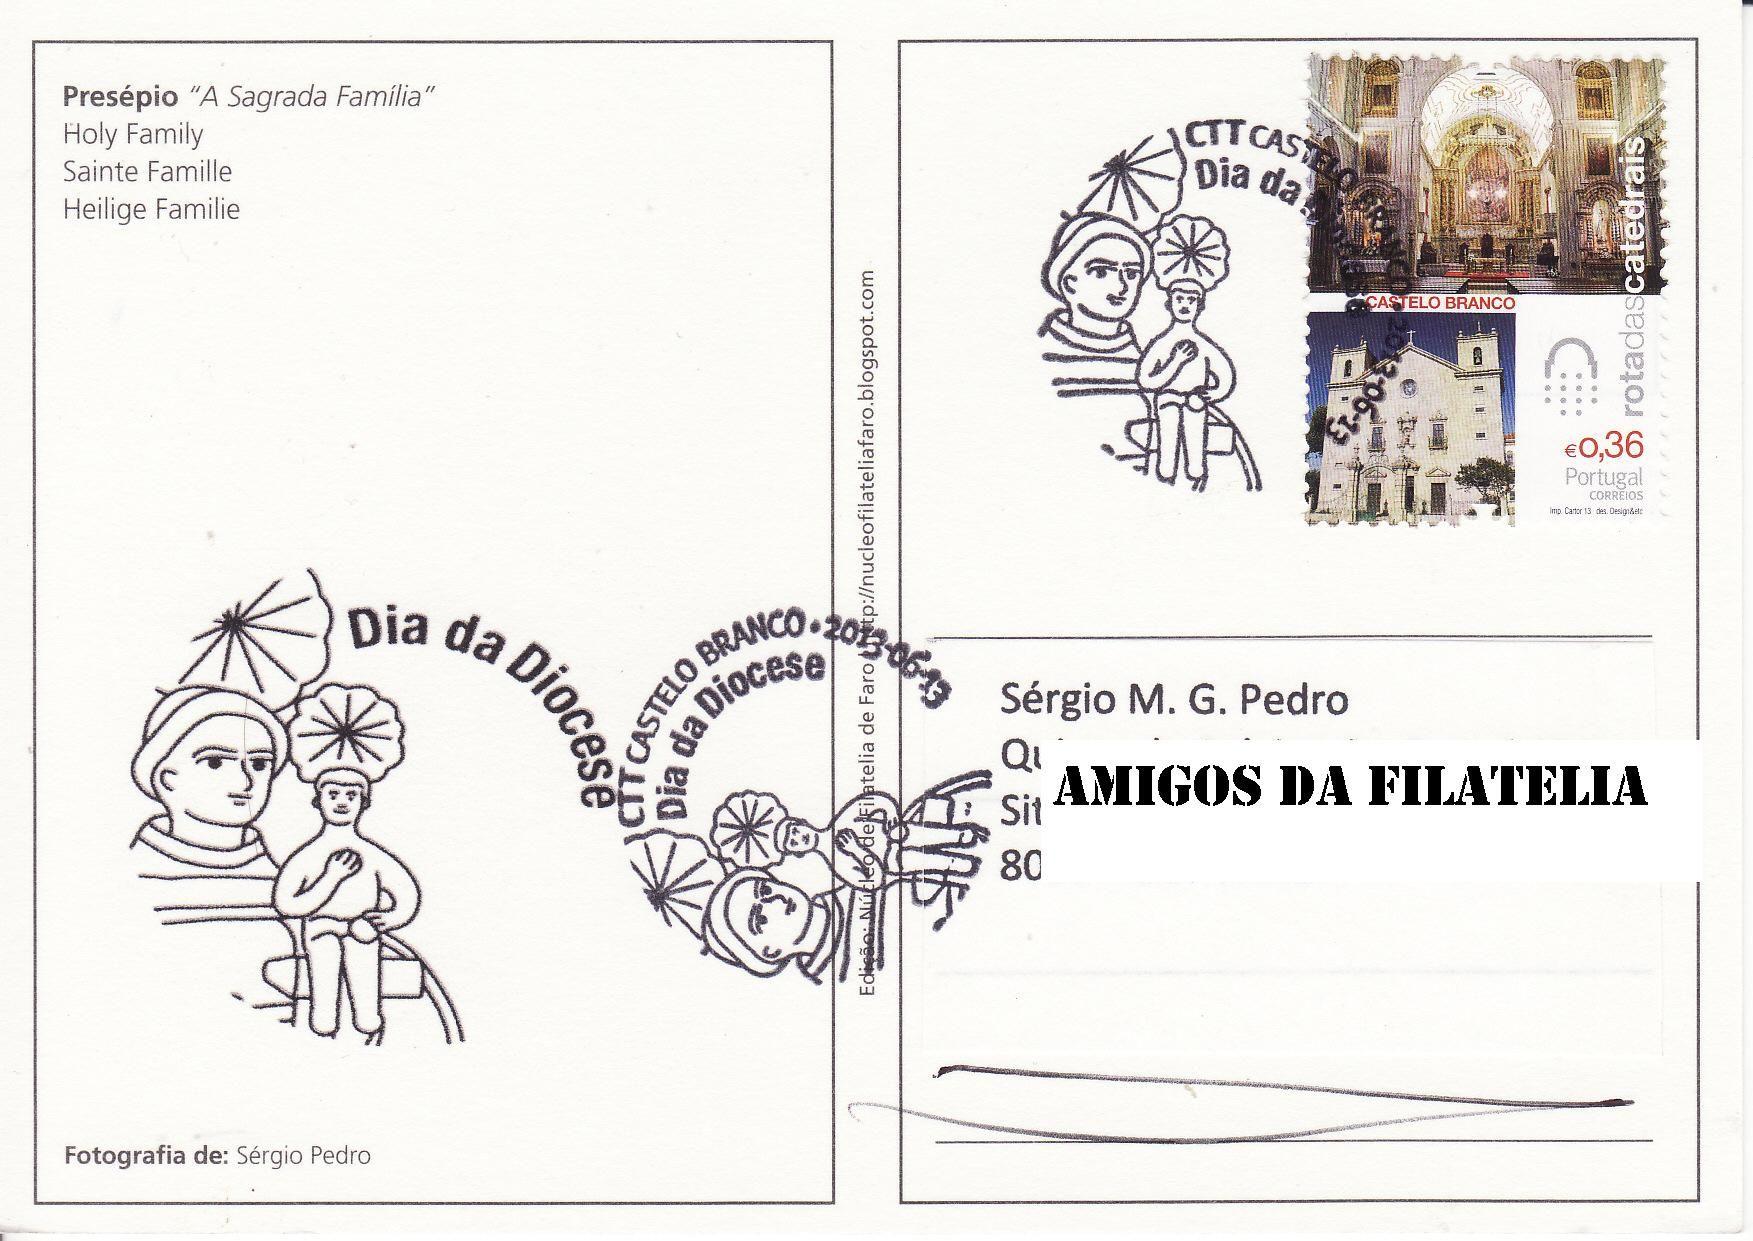 Selo 2.º grupo Rota das Catedrais (Catedral de Castelo Branco) com carimbo comemorativo de Castelo Branco alusivo ao dia da Diocése